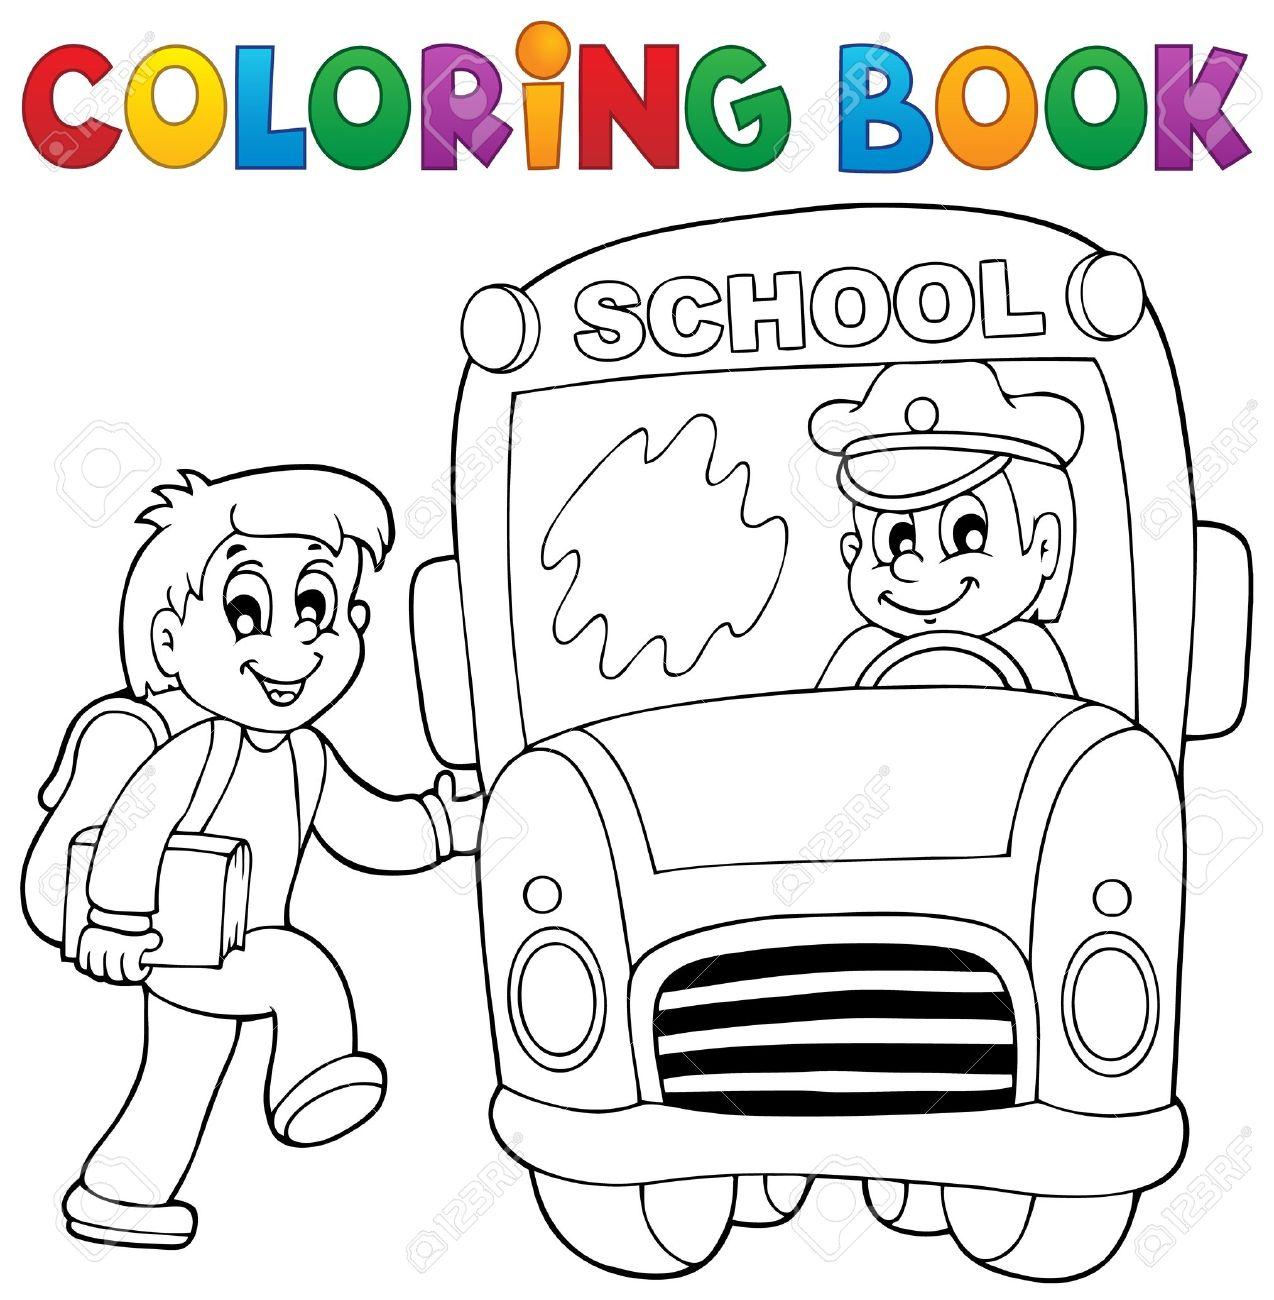 Bus Para Colorear Tema De La Escuela Libro 2 Ilustración Vectorial Eps10